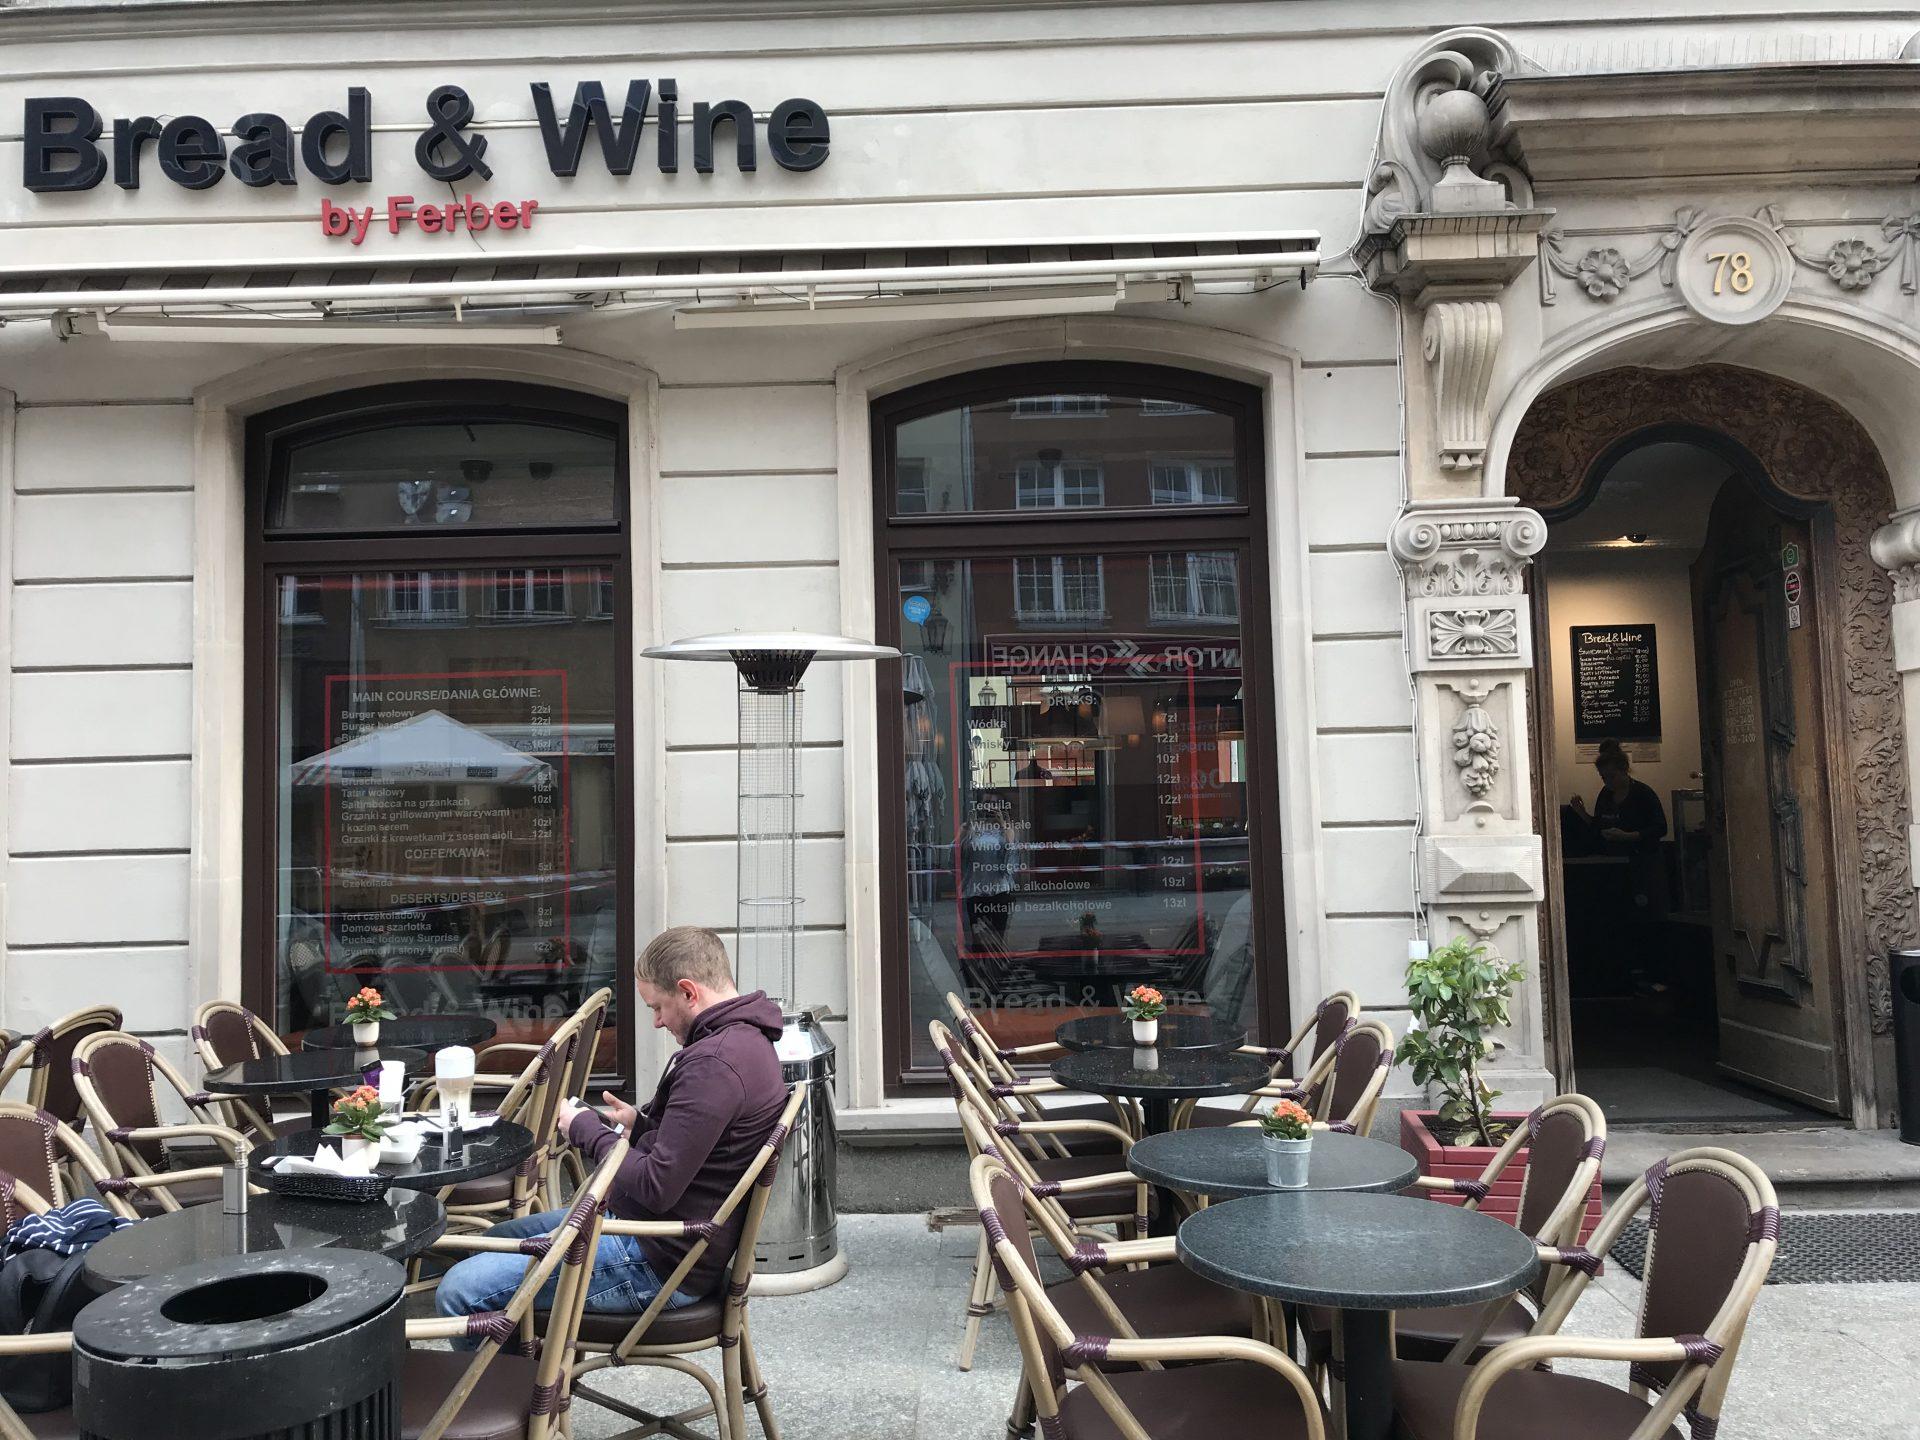 Bread & Wine by Ferber